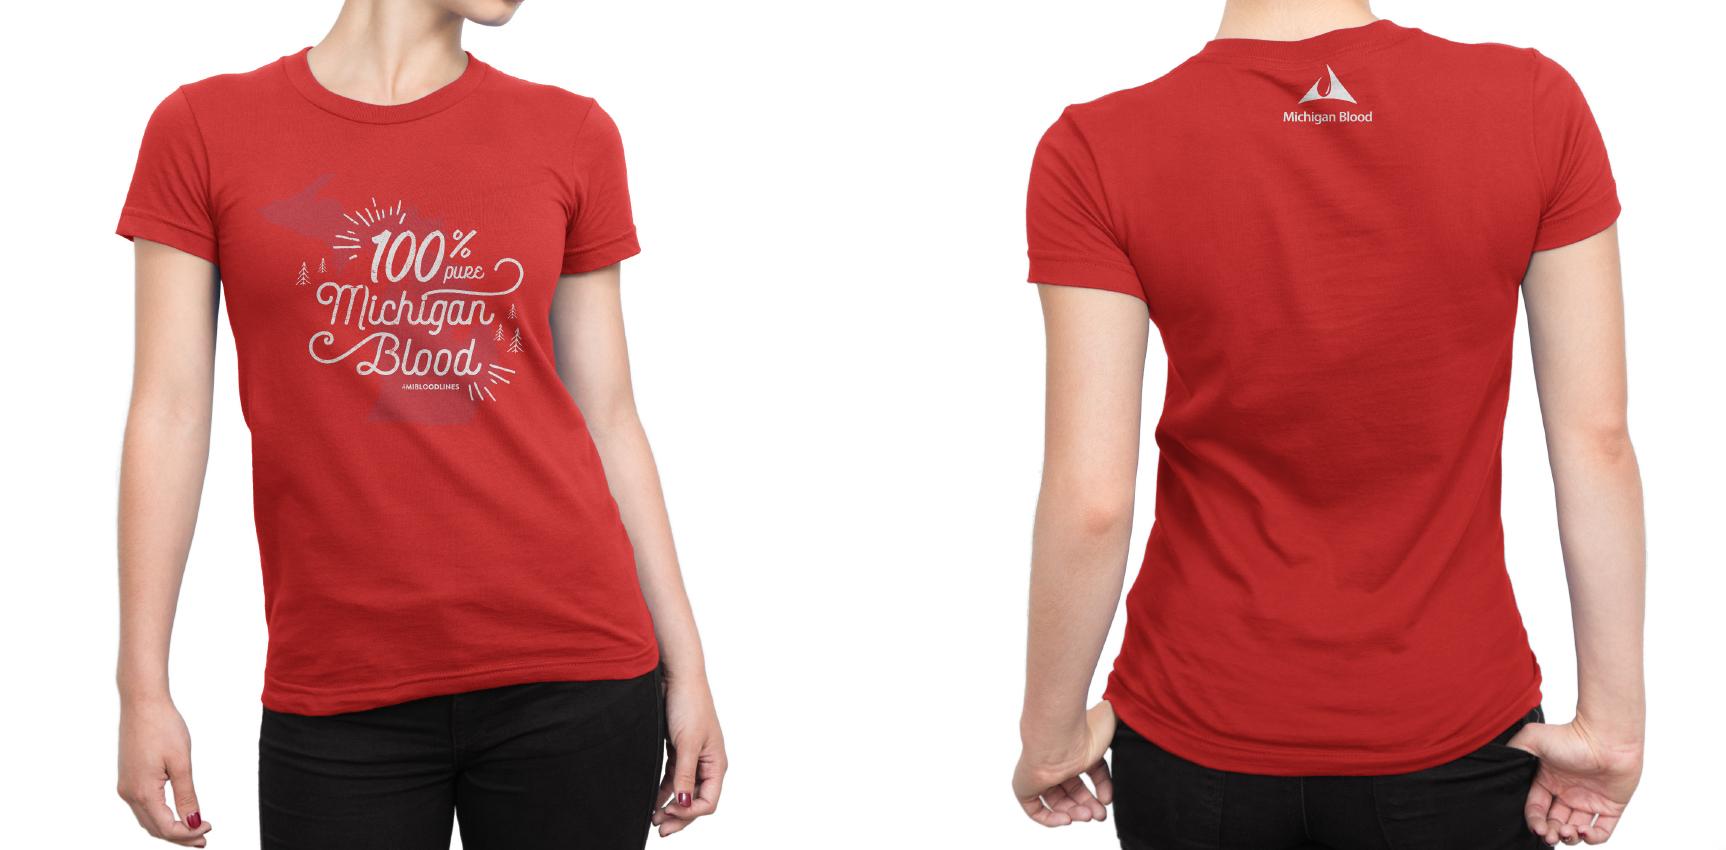 T-shirt graphic3.jpg